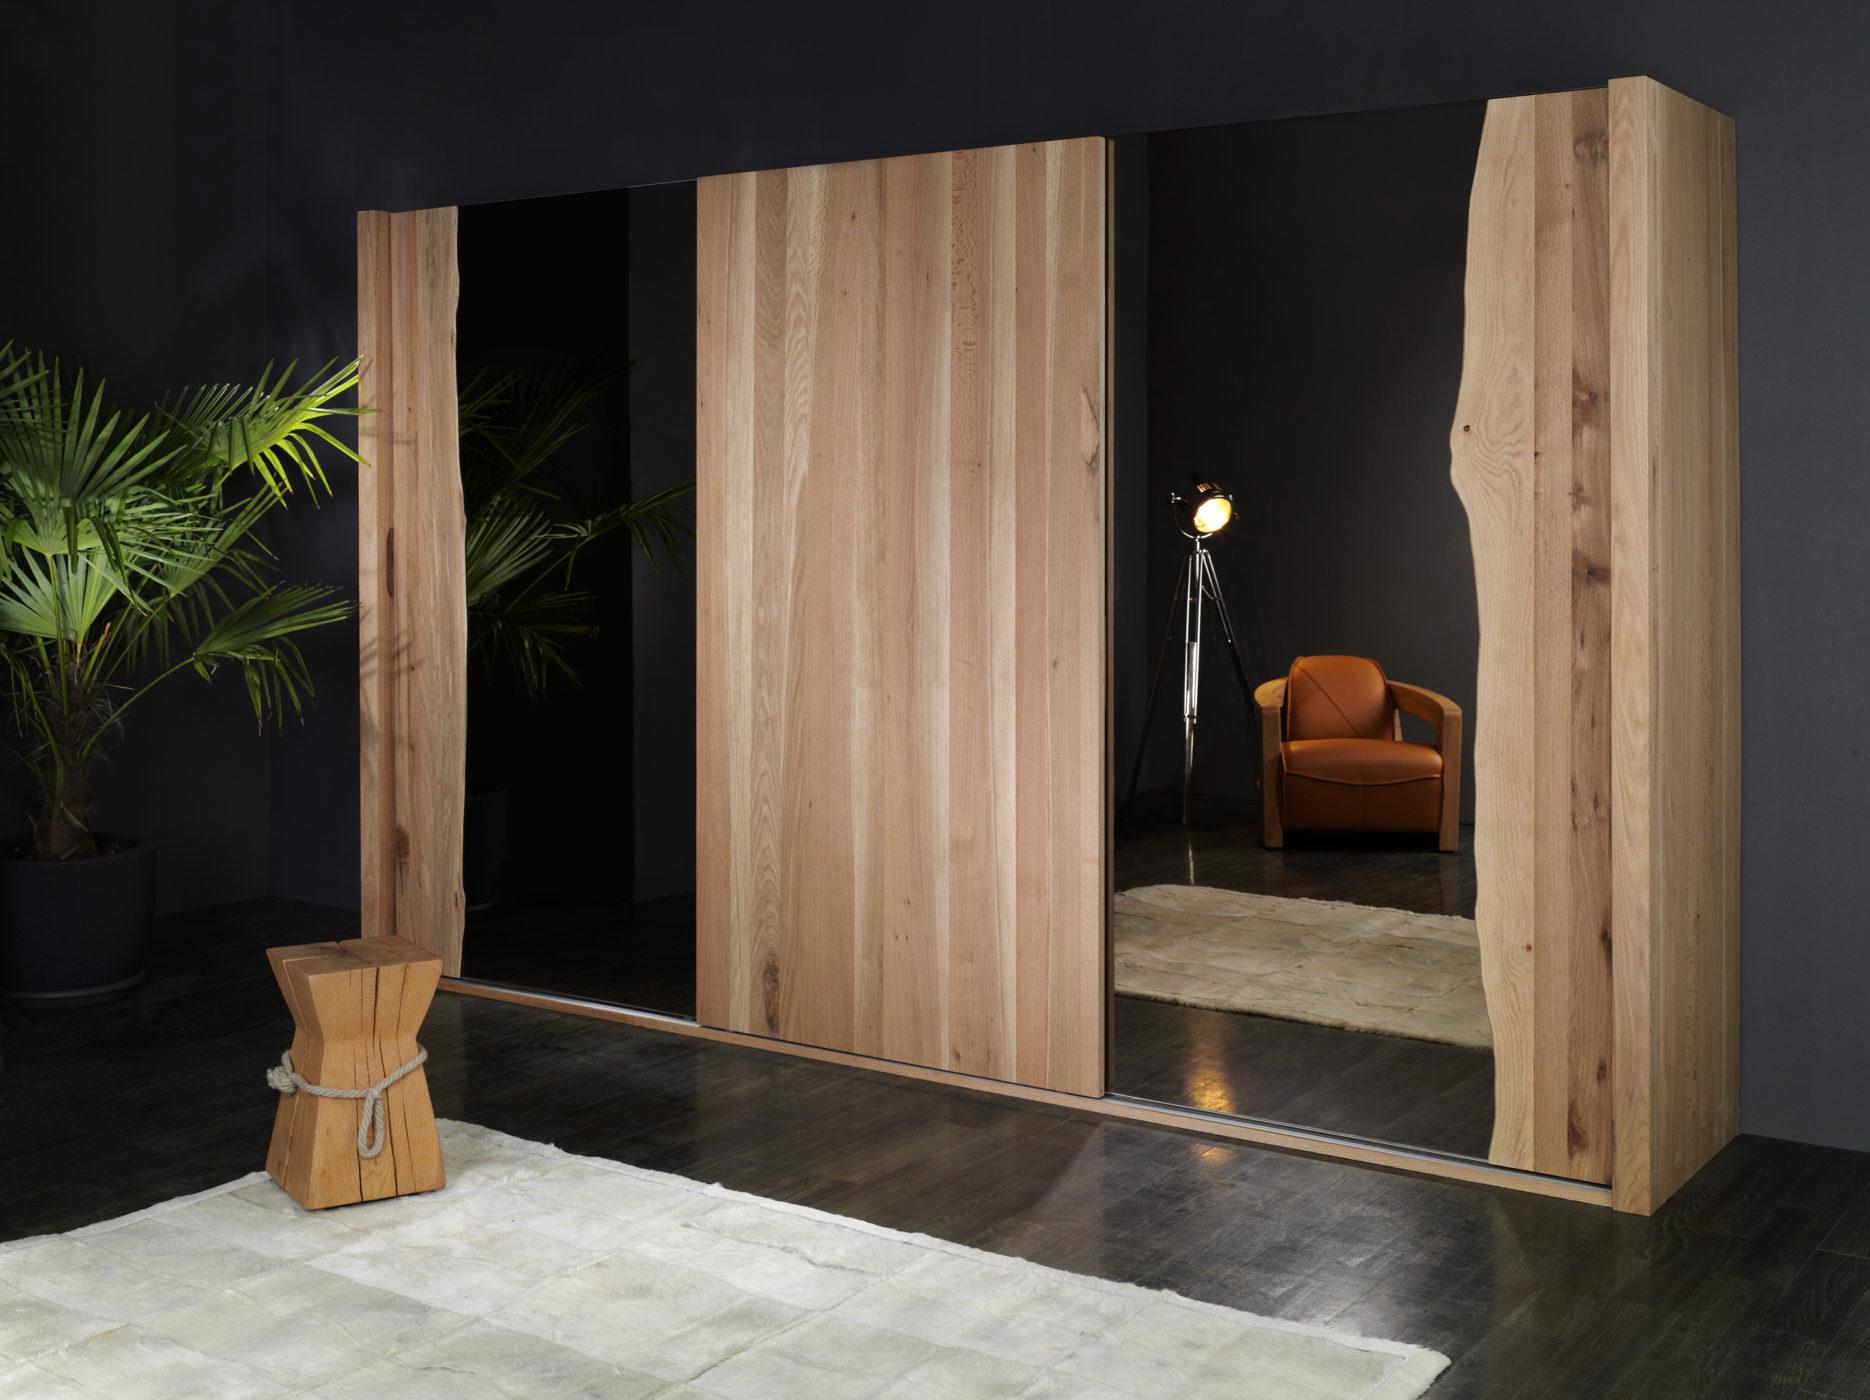 schwebet renschrank 3 t rig spiegel bronze sumpfeiche sprenger m bel. Black Bedroom Furniture Sets. Home Design Ideas